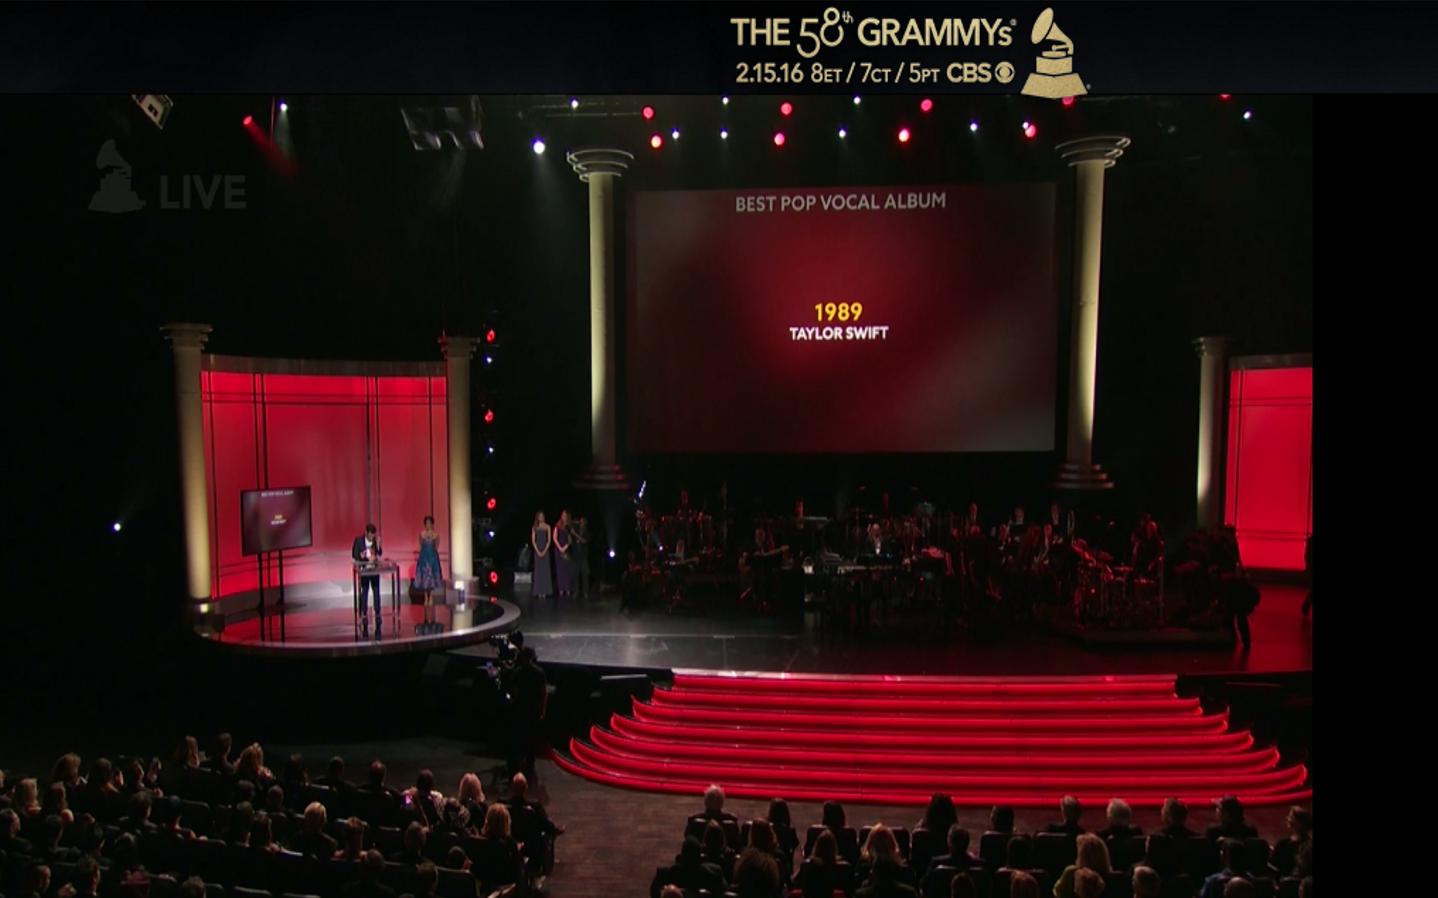 Premios y Nominaciones [Grammys: Primer mujer en la historia con 2 Album of The Year] - Página 33 CbSIUc9W0AA0QDD